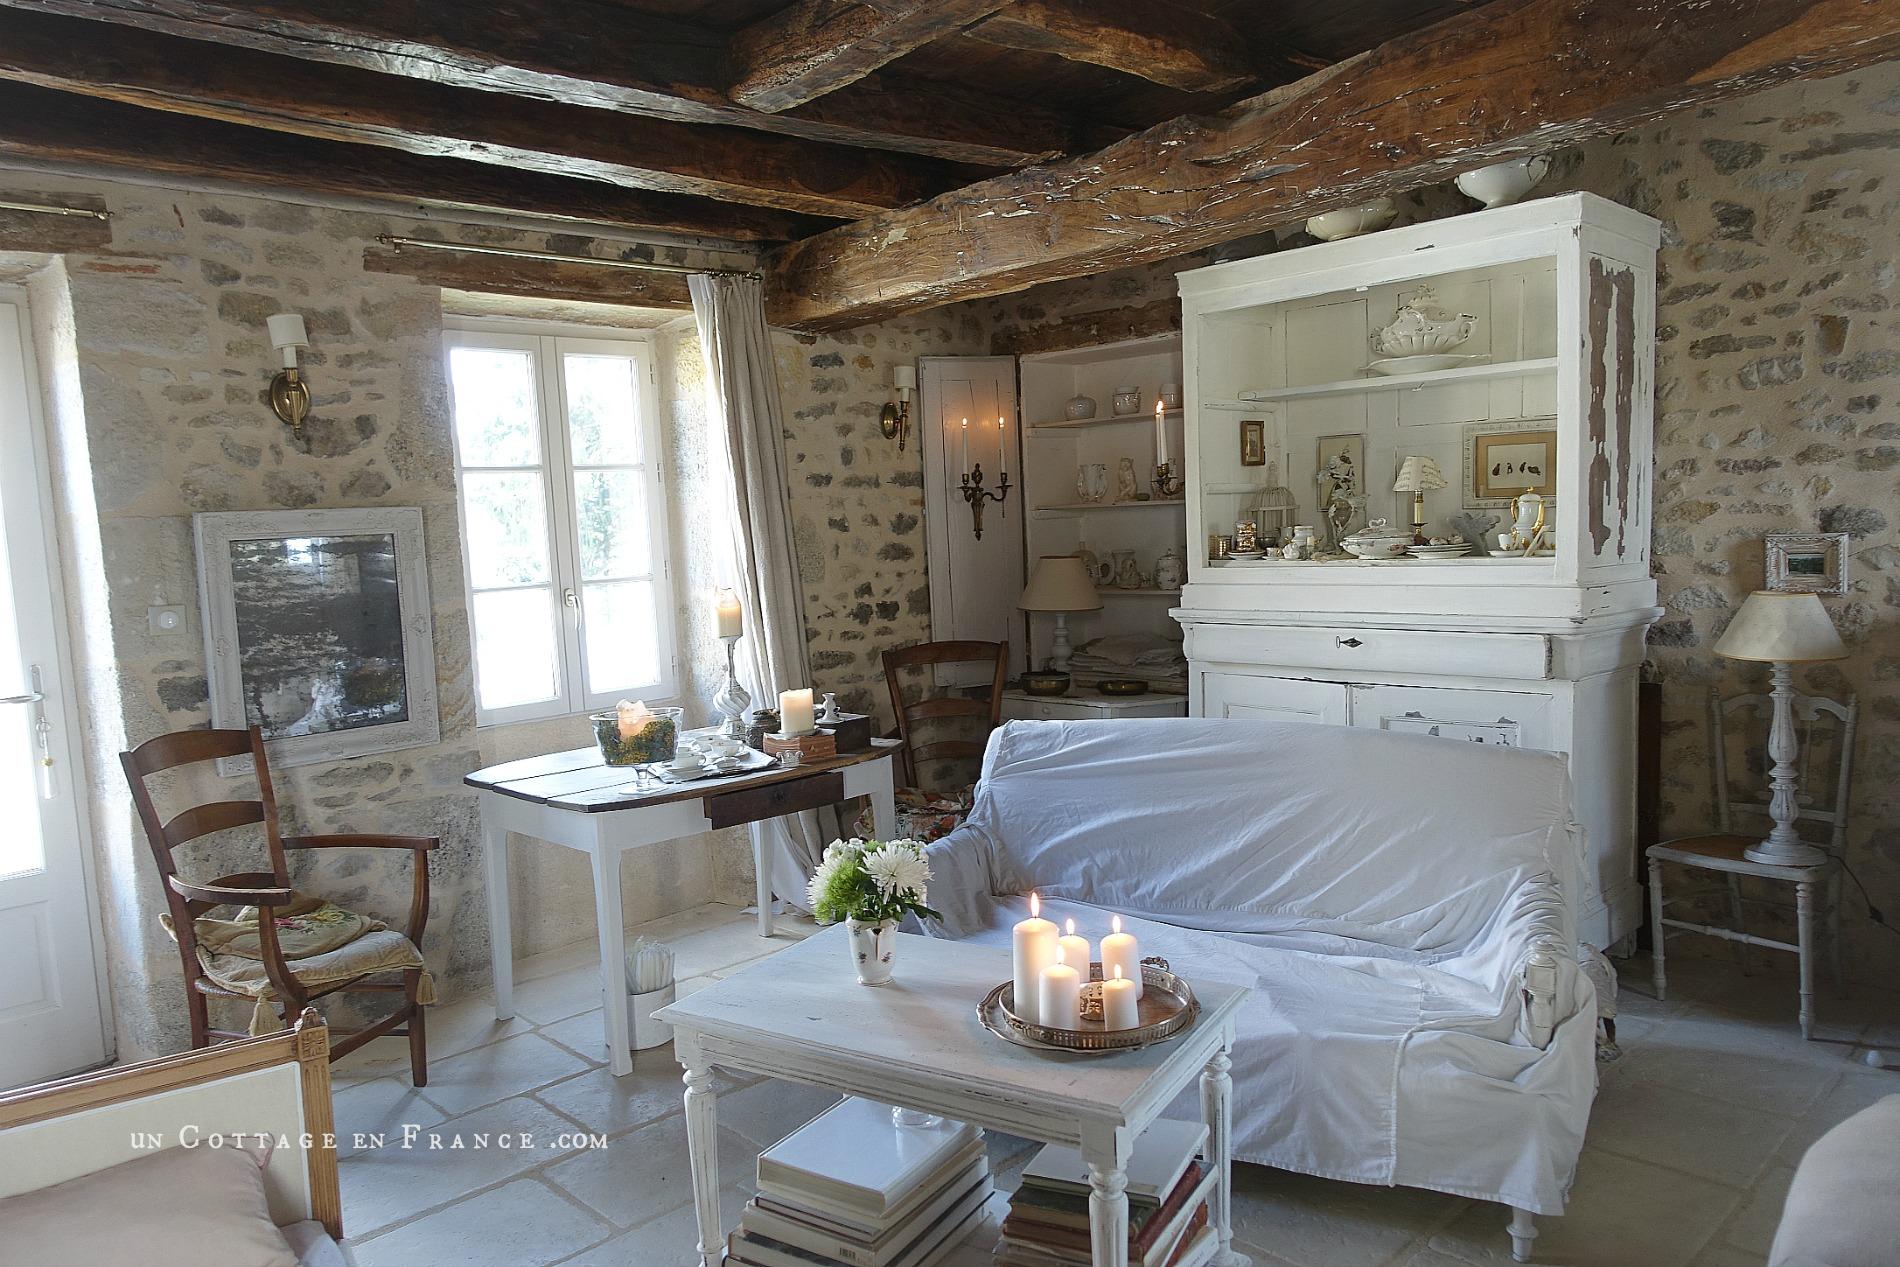 Décoration romantique en blanc pour le cottage 2018 11